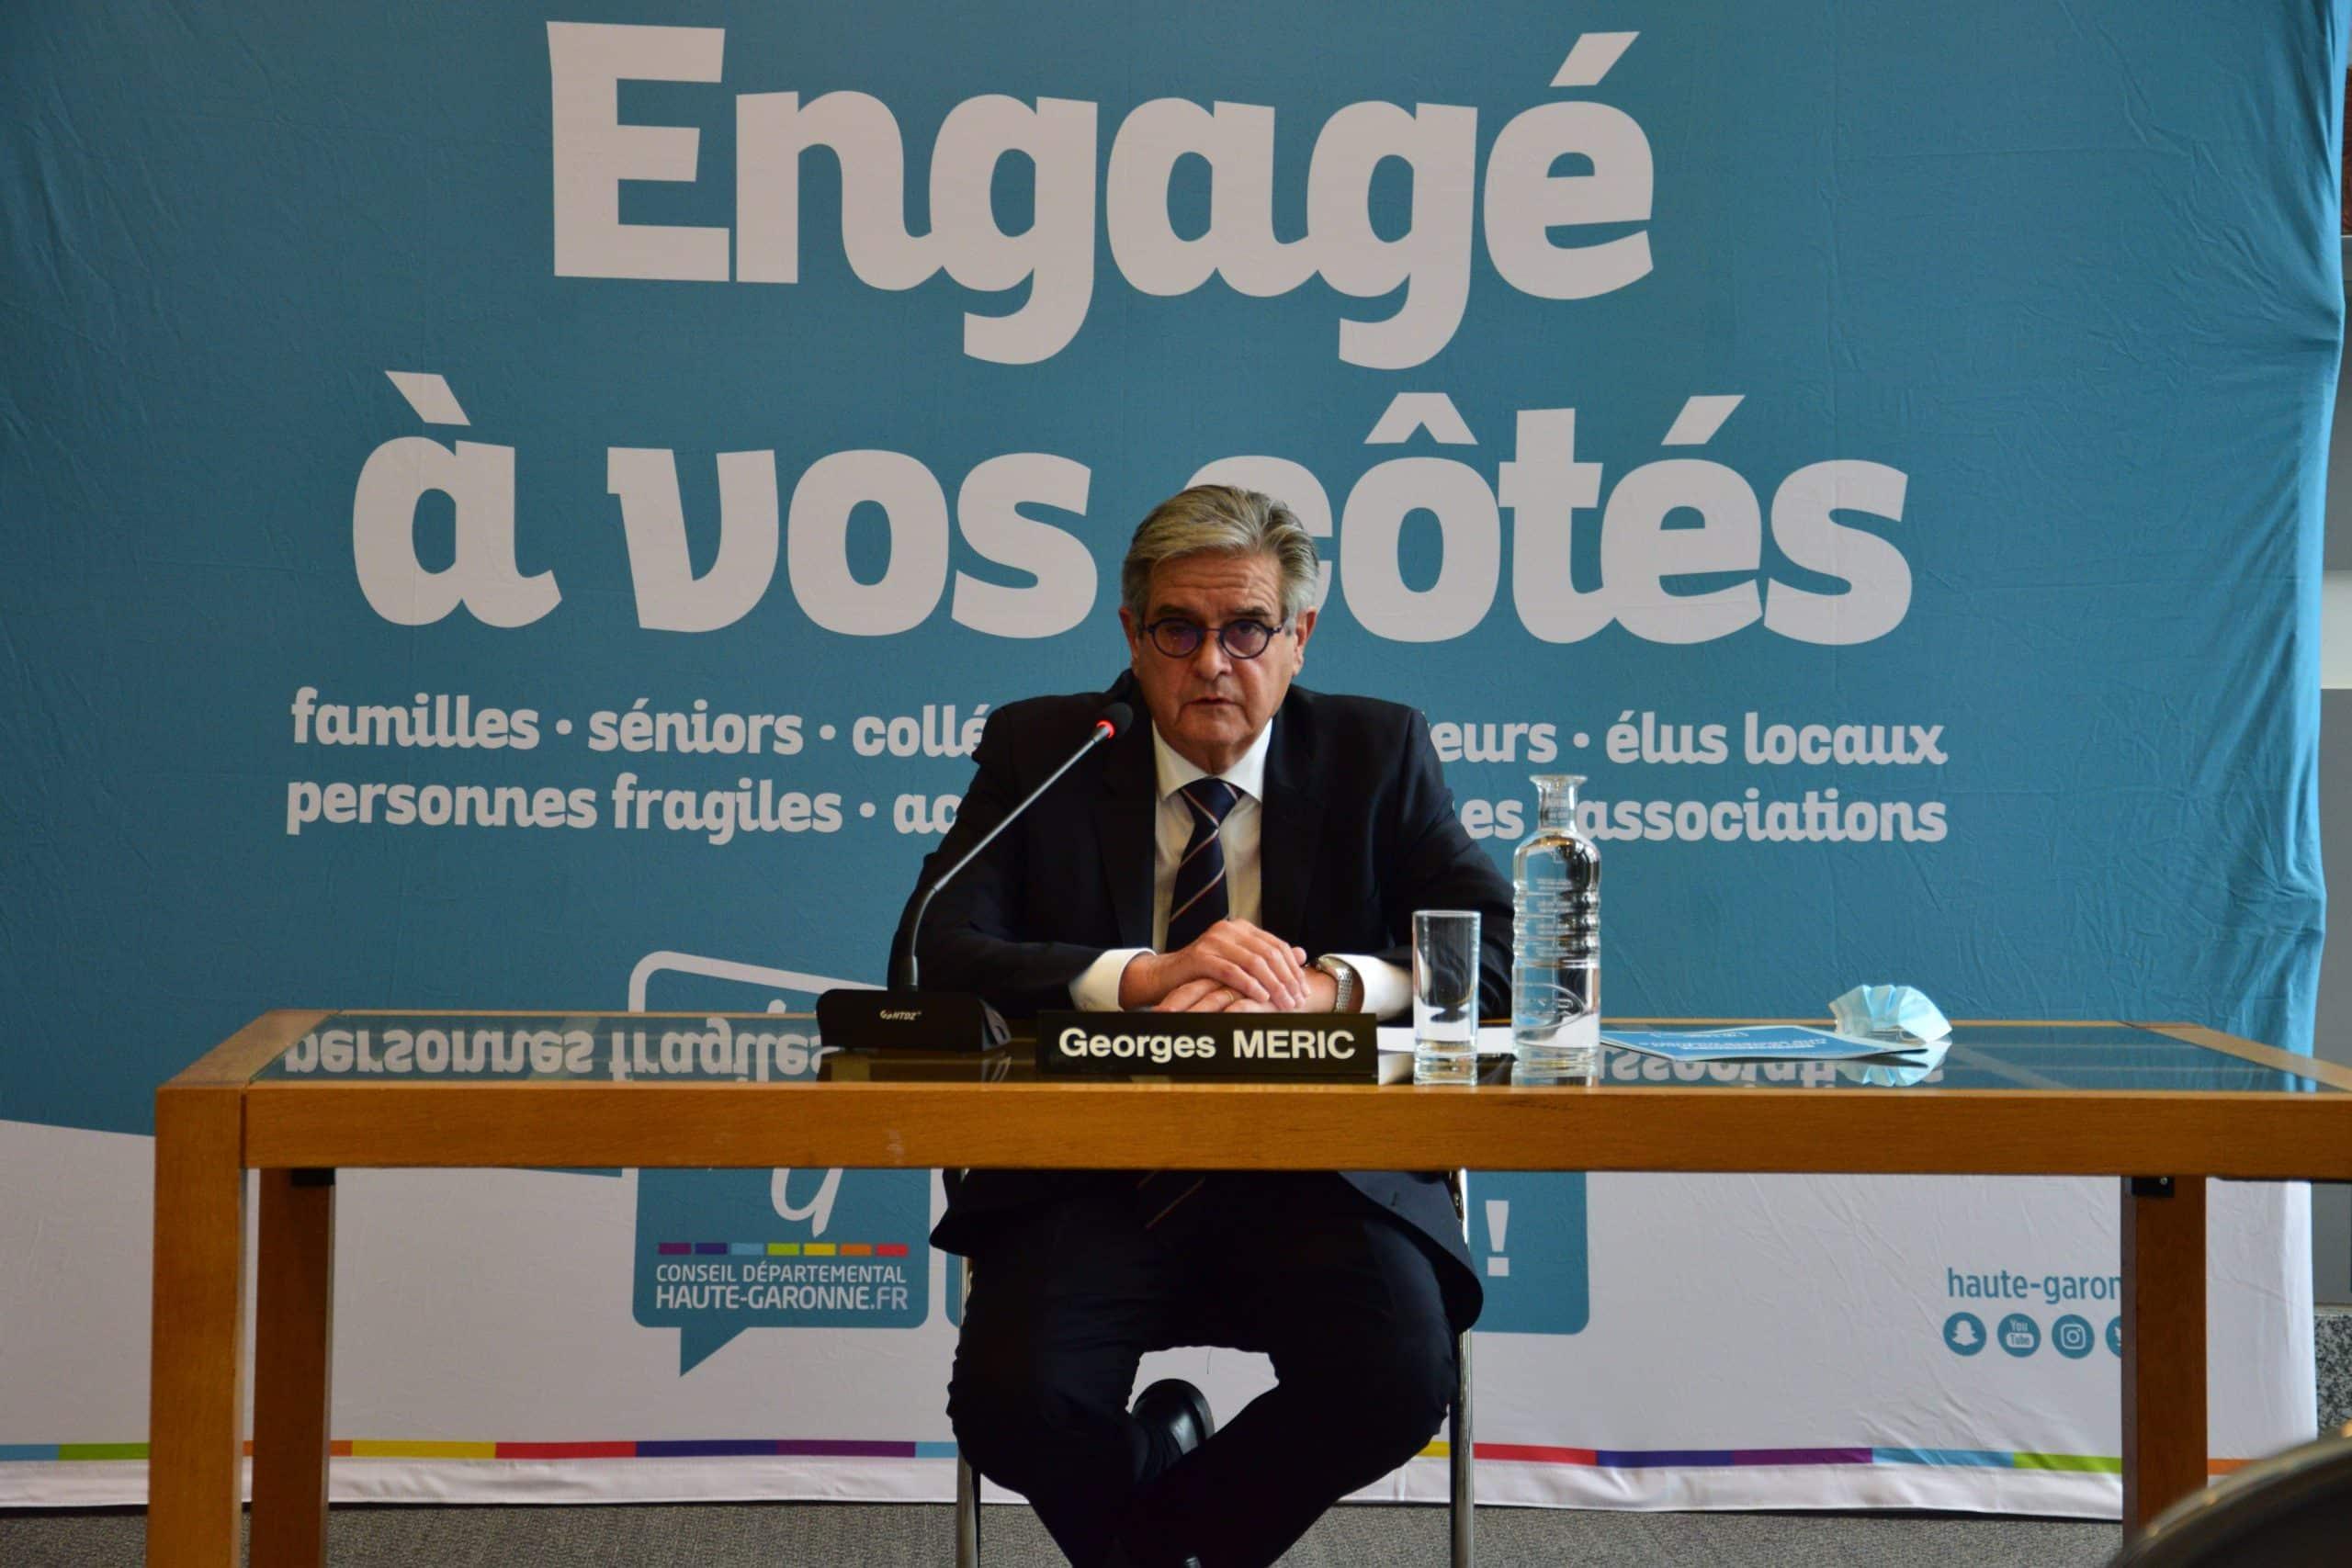 georges méric conseil departemental Haute-Garonne